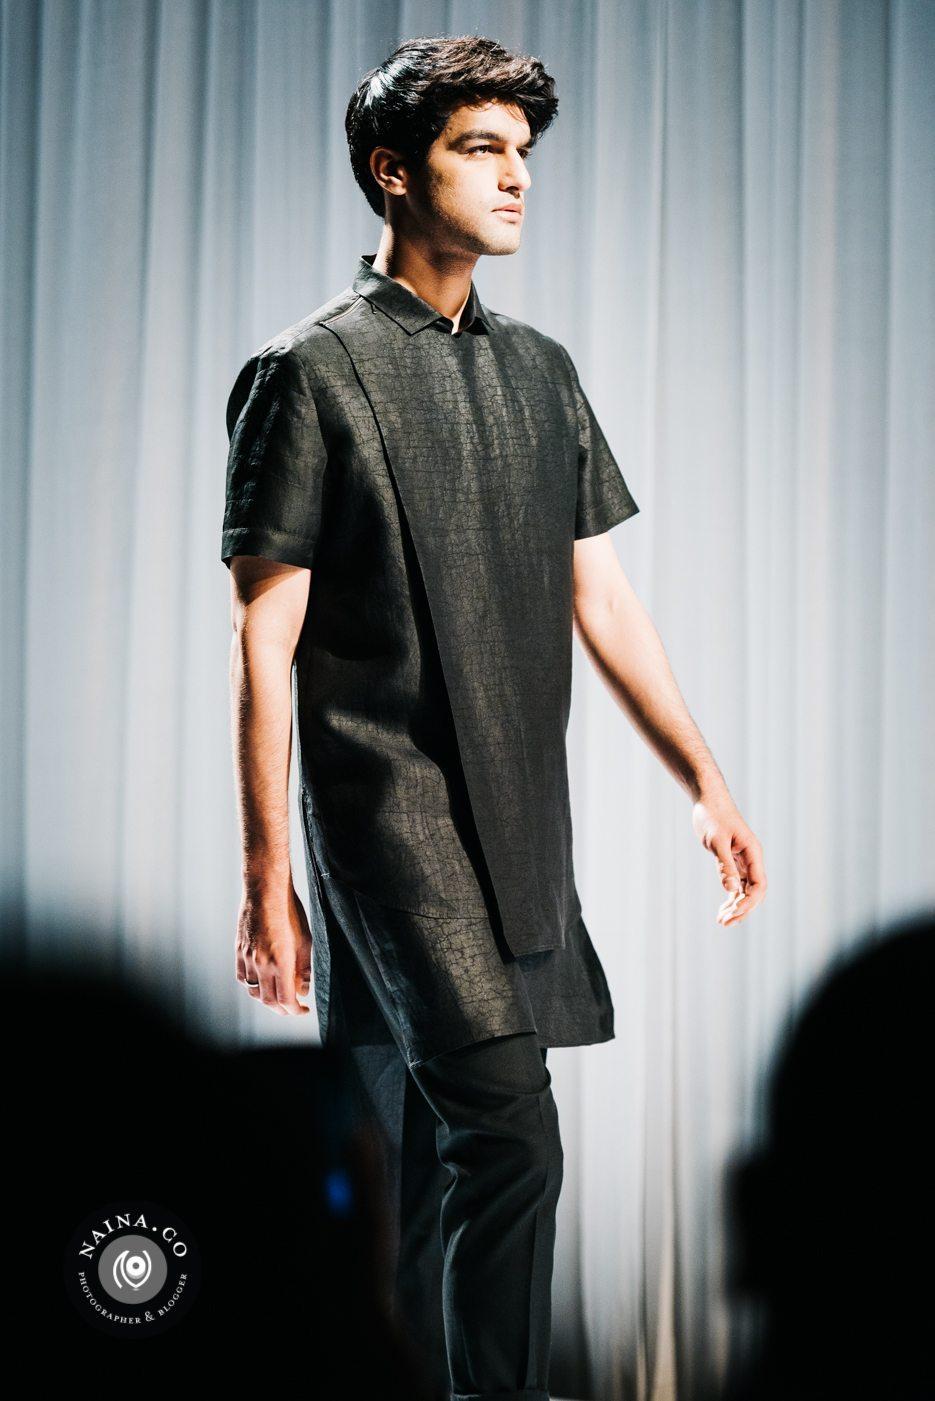 Naina.co-Raconteuse-Visuelle-Photographer-Blogger-Storyteller-Luxury-Lifestyle-AIFWAW15-RohitGandhiRahulKhanna